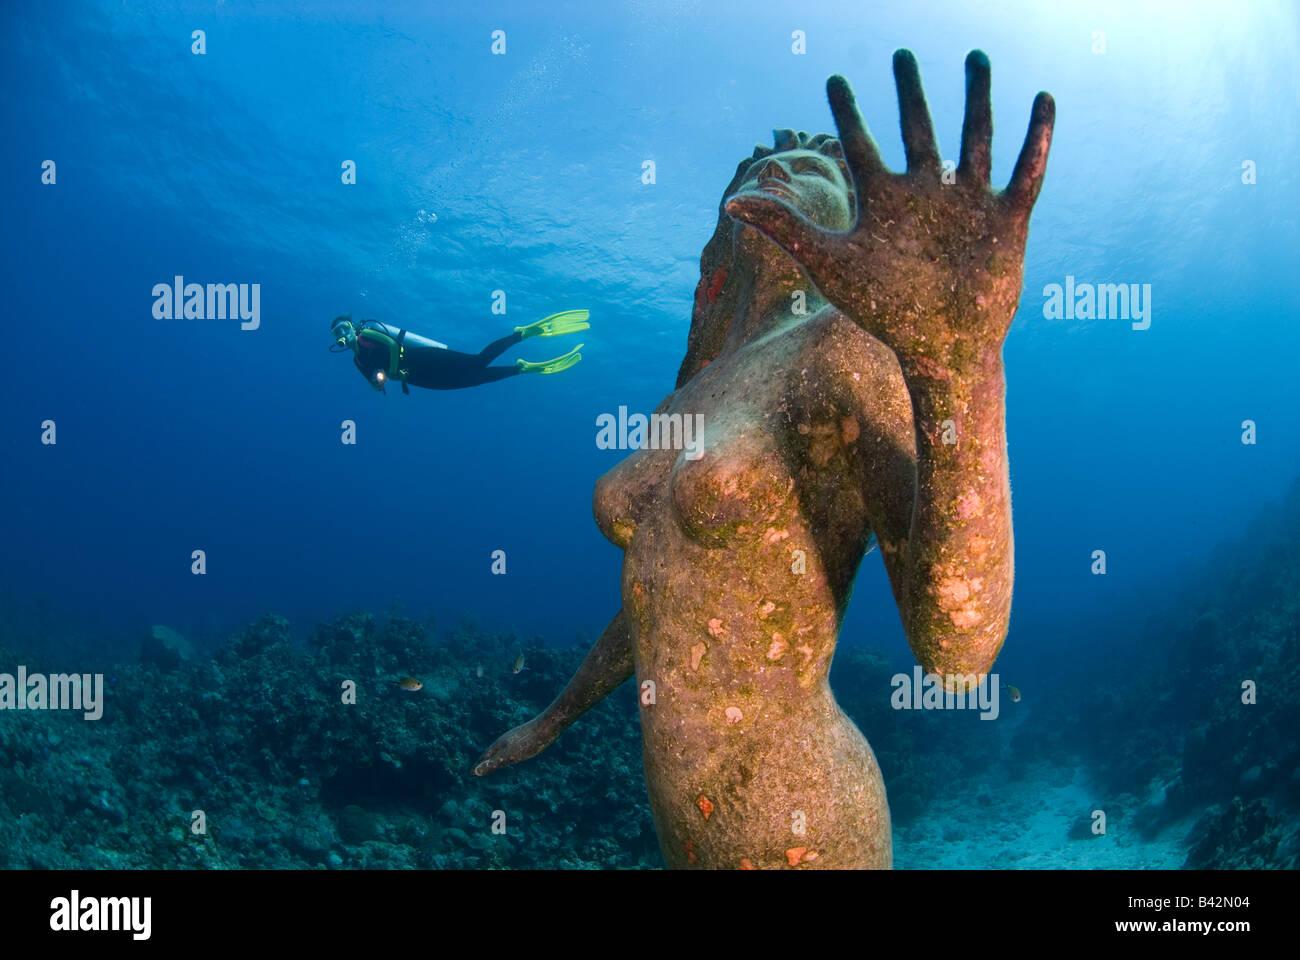 Mermaid Scultura e subacqueo Grand Cayman Mar dei Caraibi Isole Cayman Immagini Stock